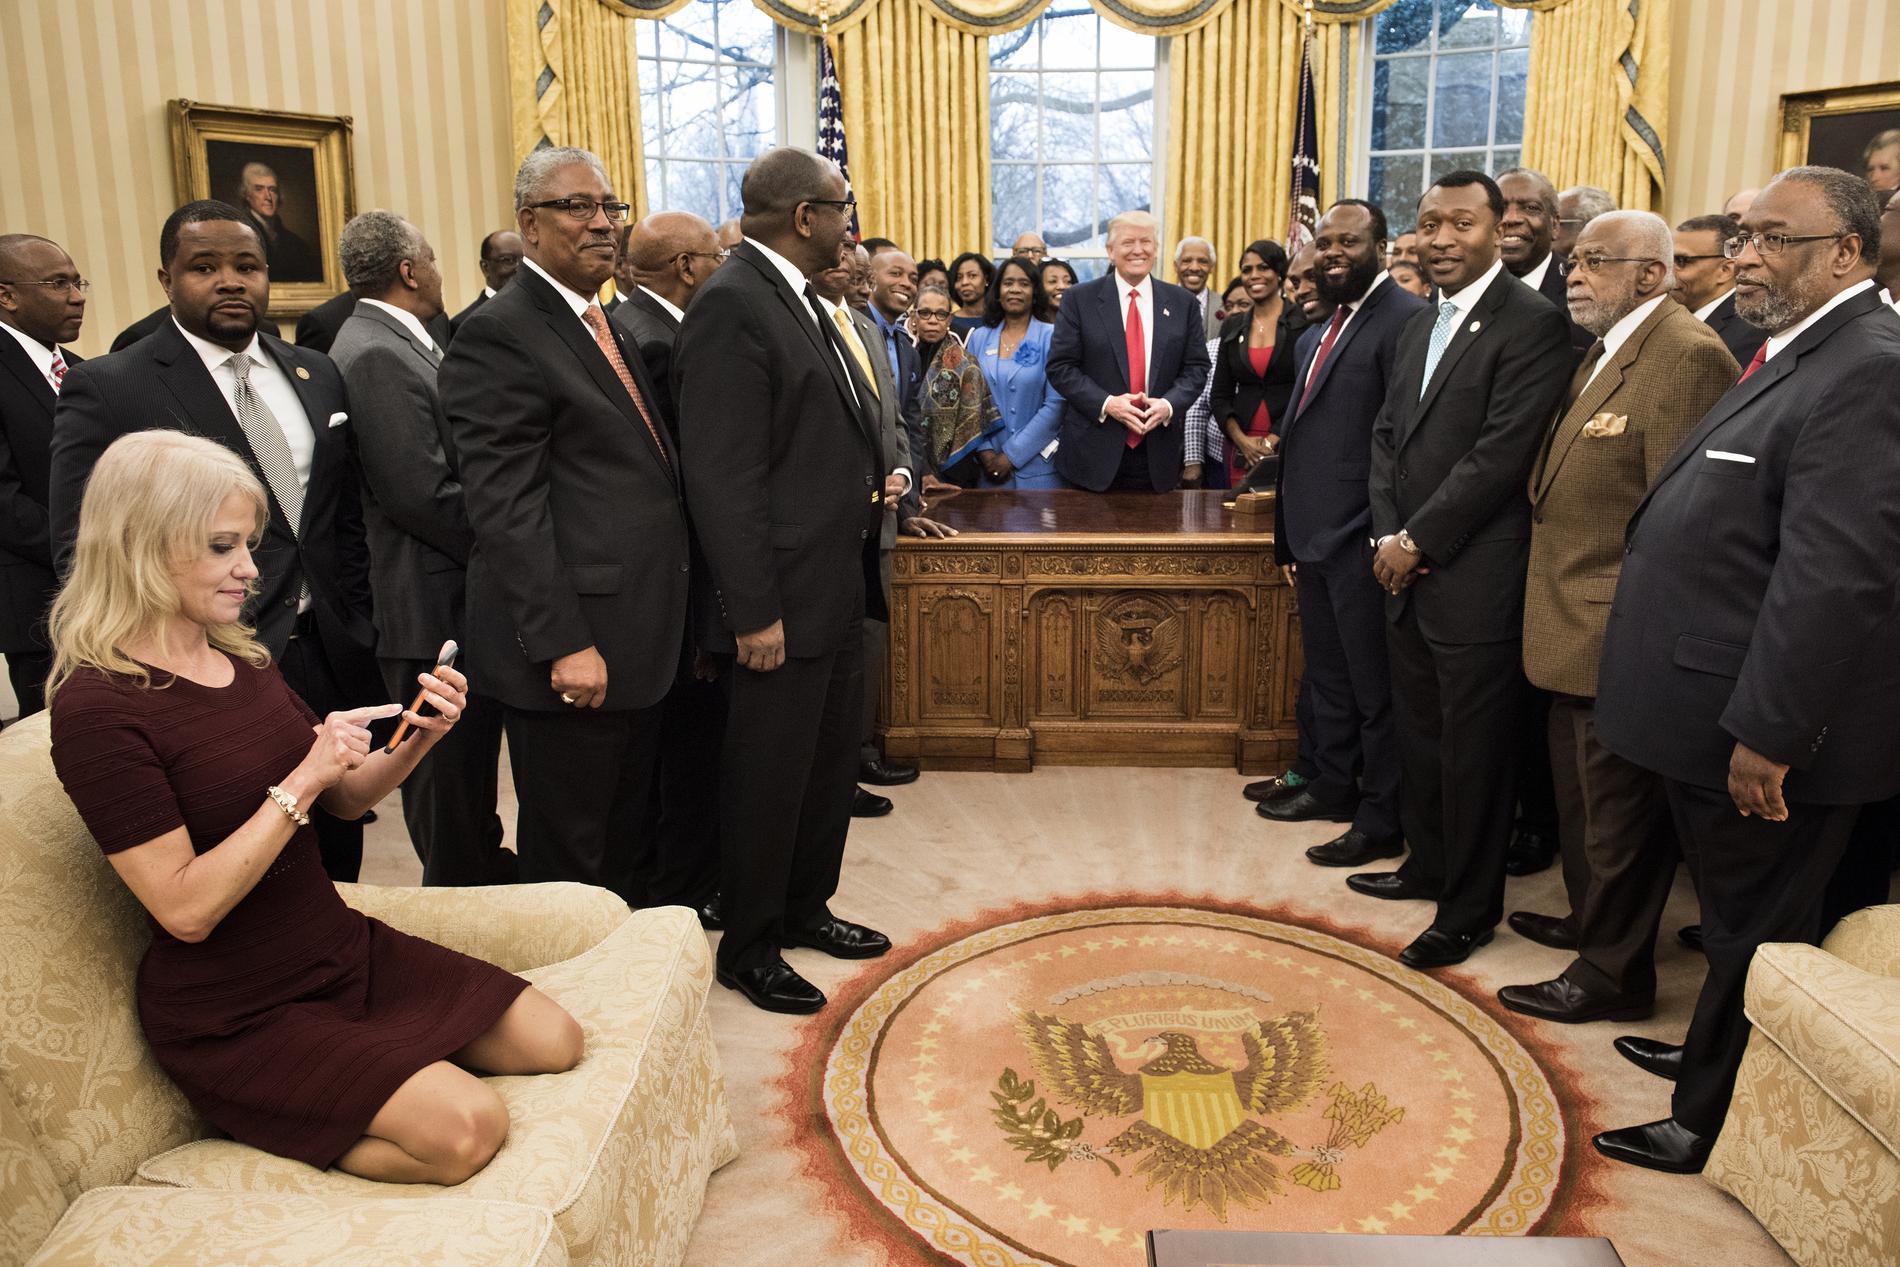 La conseillère de donald trump photographiée à genoux sur le canapé